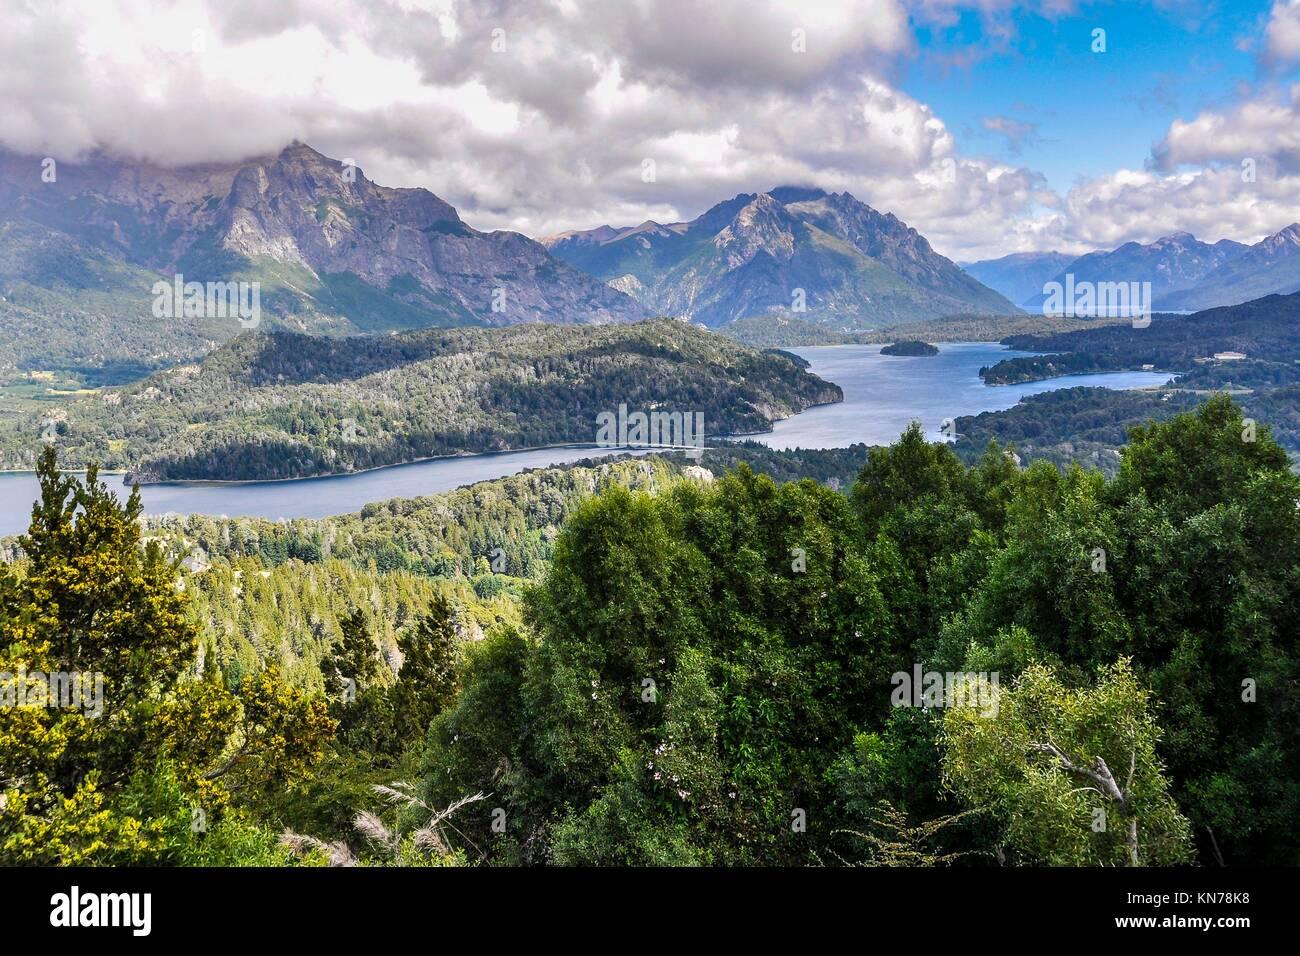 Vue sur le lac, à proximité de Bariloche, Patagonie, Argentine. Banque D'Images